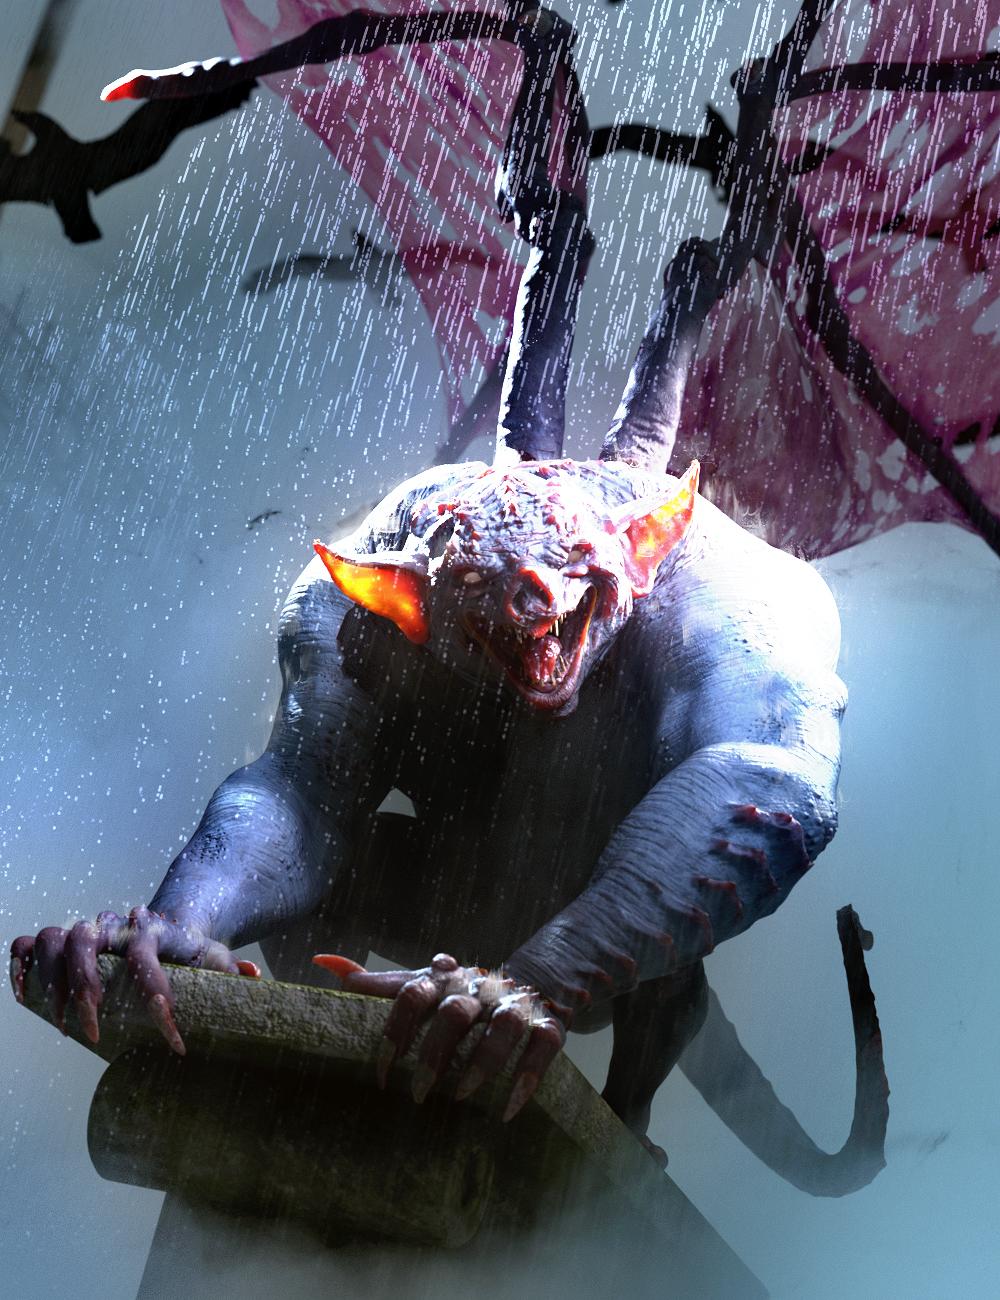 Gargoyle HD for Genesis 8 Males by: JoeQuick, 3D Models by Daz 3D